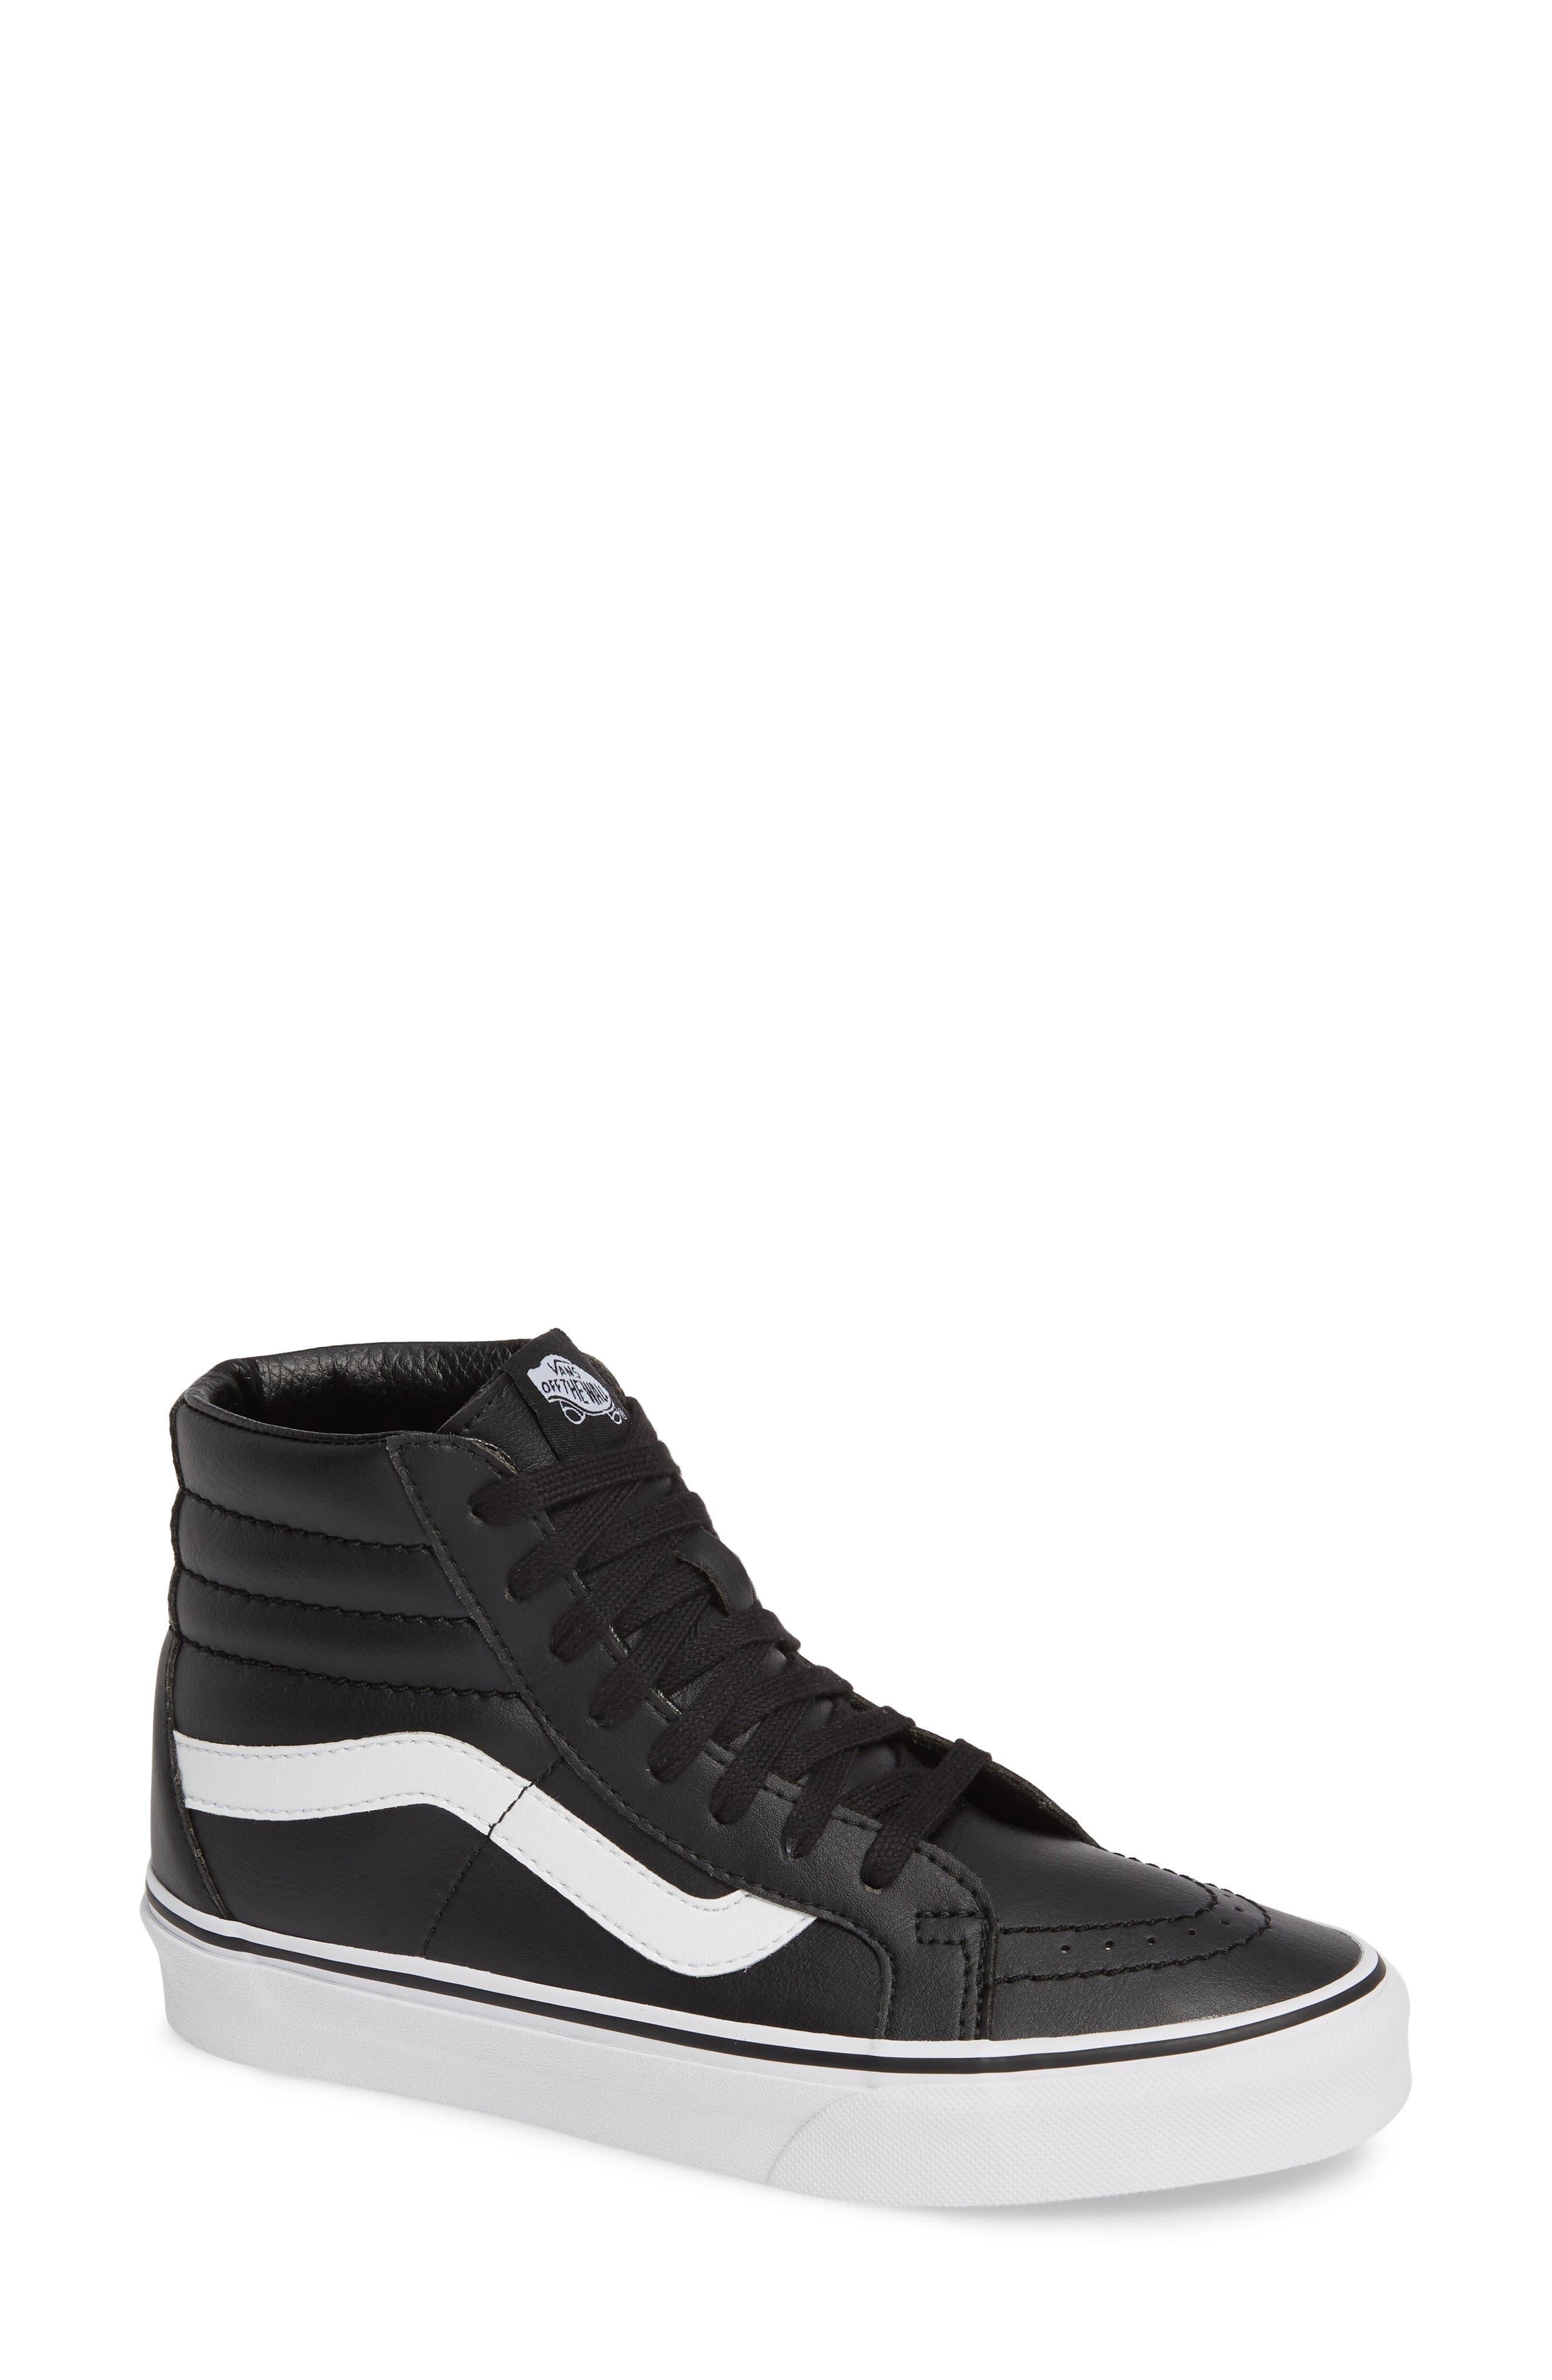 VANS 'Sk8-Hi Reissue' Sneaker, Main, color, BLACK/ TRUE WHITE